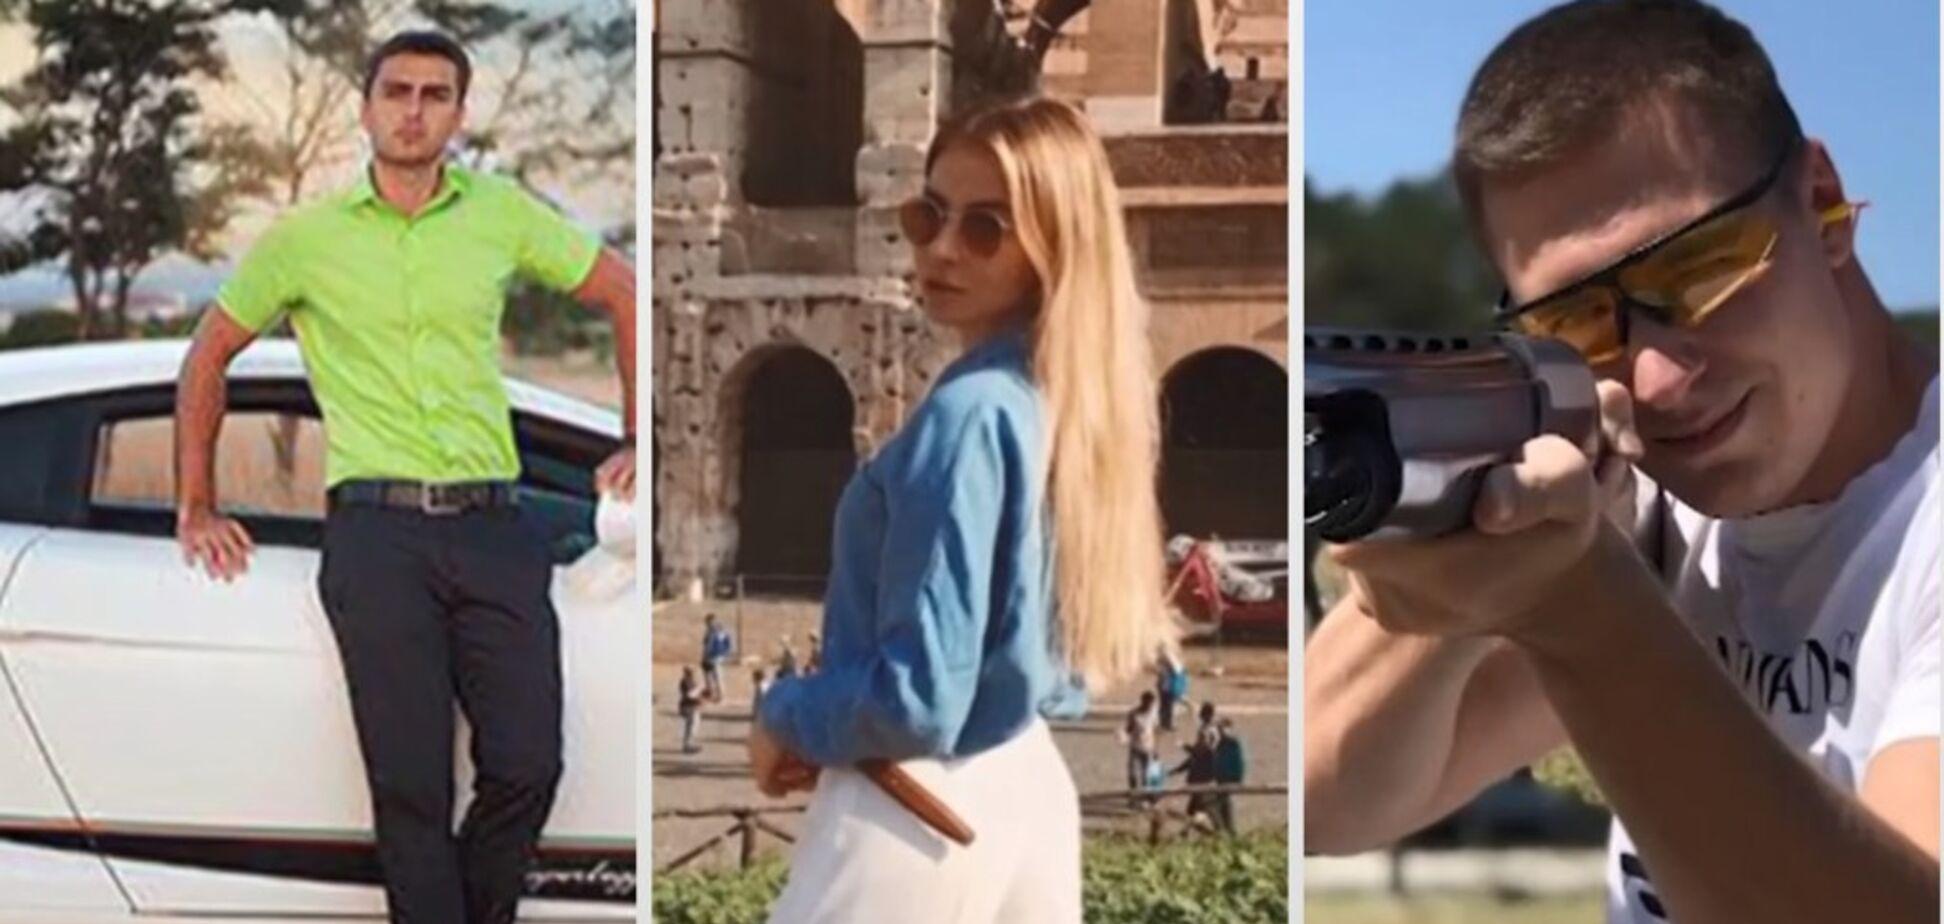 Відпочивають в Італії і їздять на Lamborghini: як живуть нащадки окупантів Криму